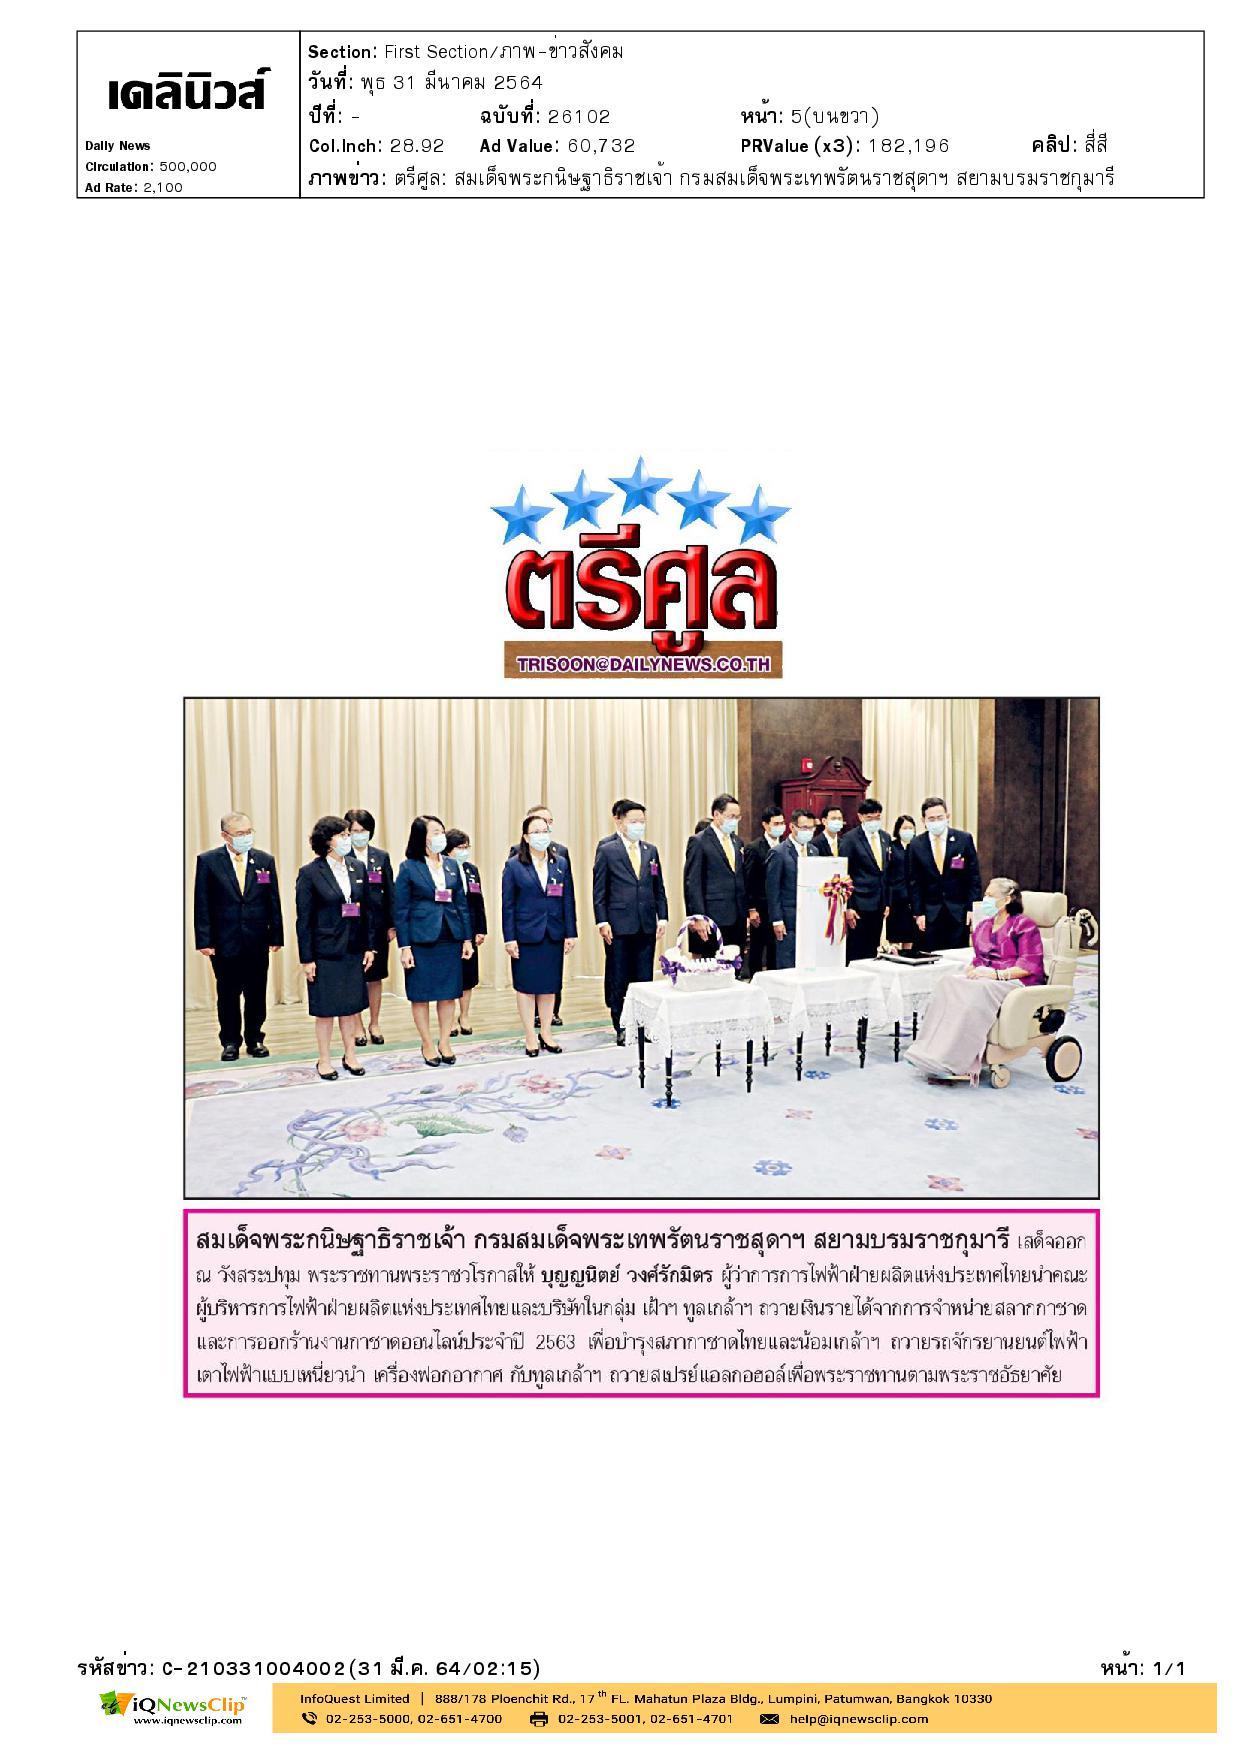 รายได้จากการจำหน่ายสลากกาชาดและการออกร้านงานกาชาดออนไลน์ประจำปี 2563 เพื่อบำรุงสภากาชาดไทย